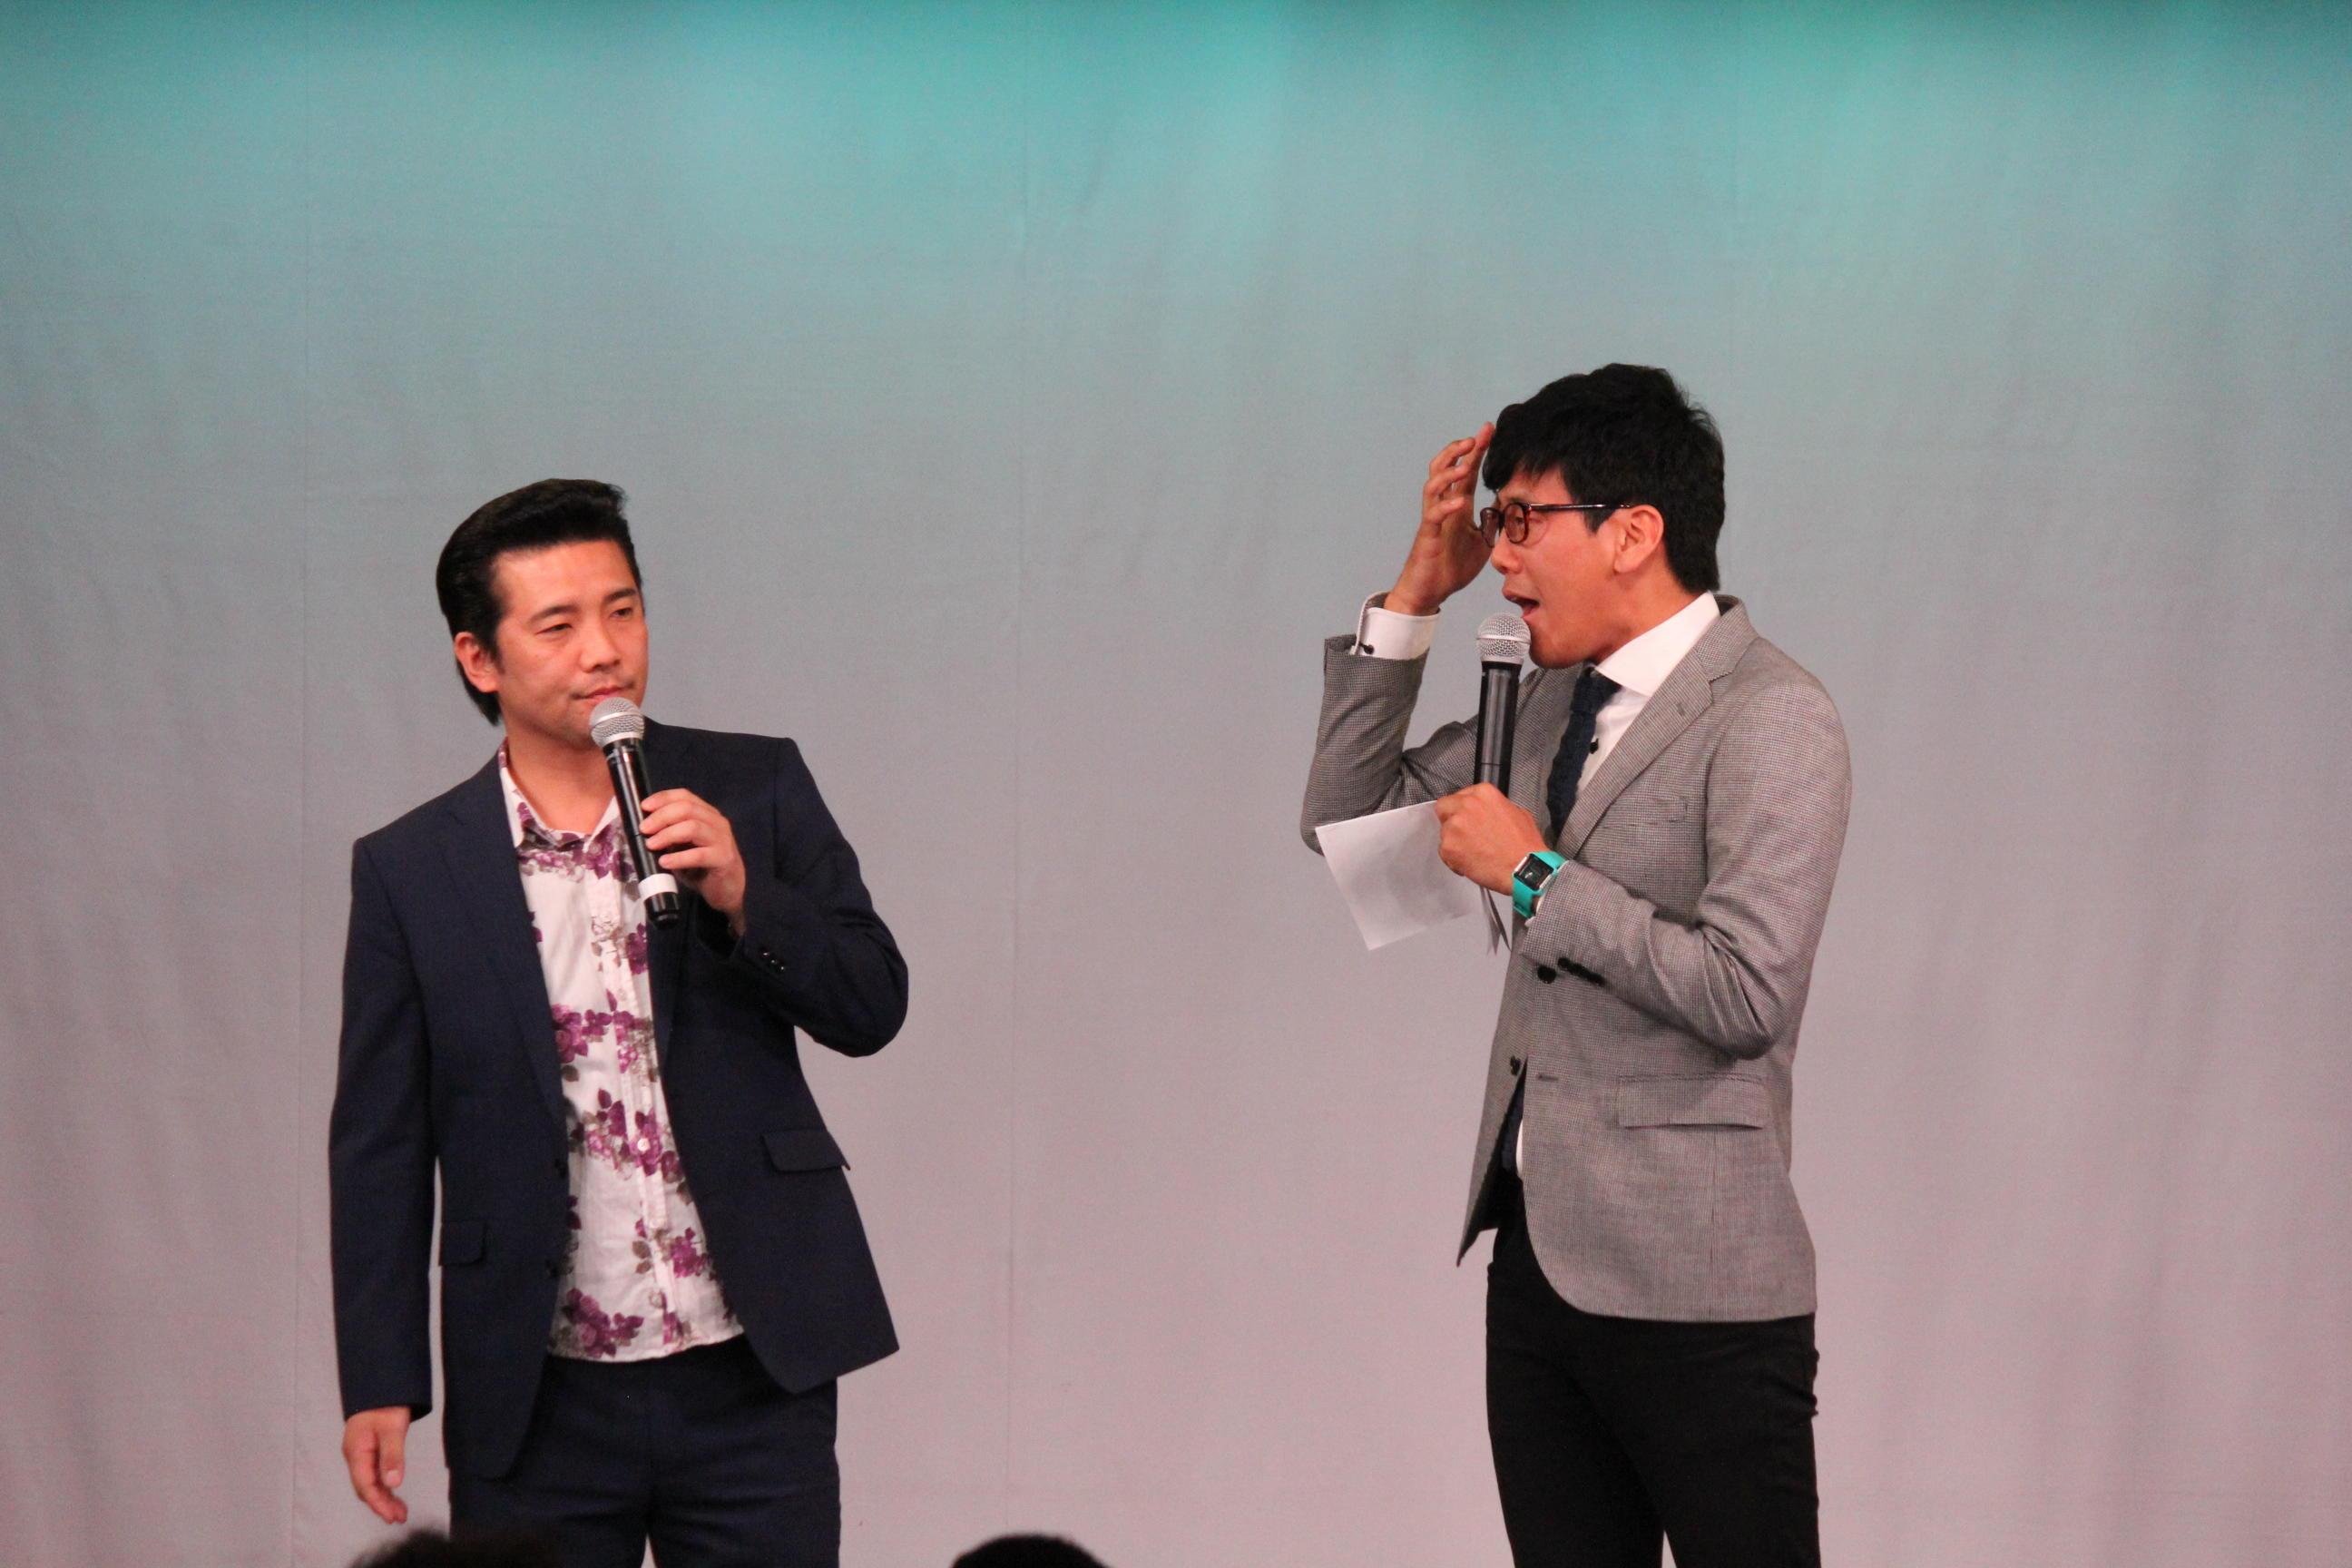 http://news.yoshimoto.co.jp/20160627165828-0b53a5ff624141a63f33c464013e8b4a57b536a9.jpg